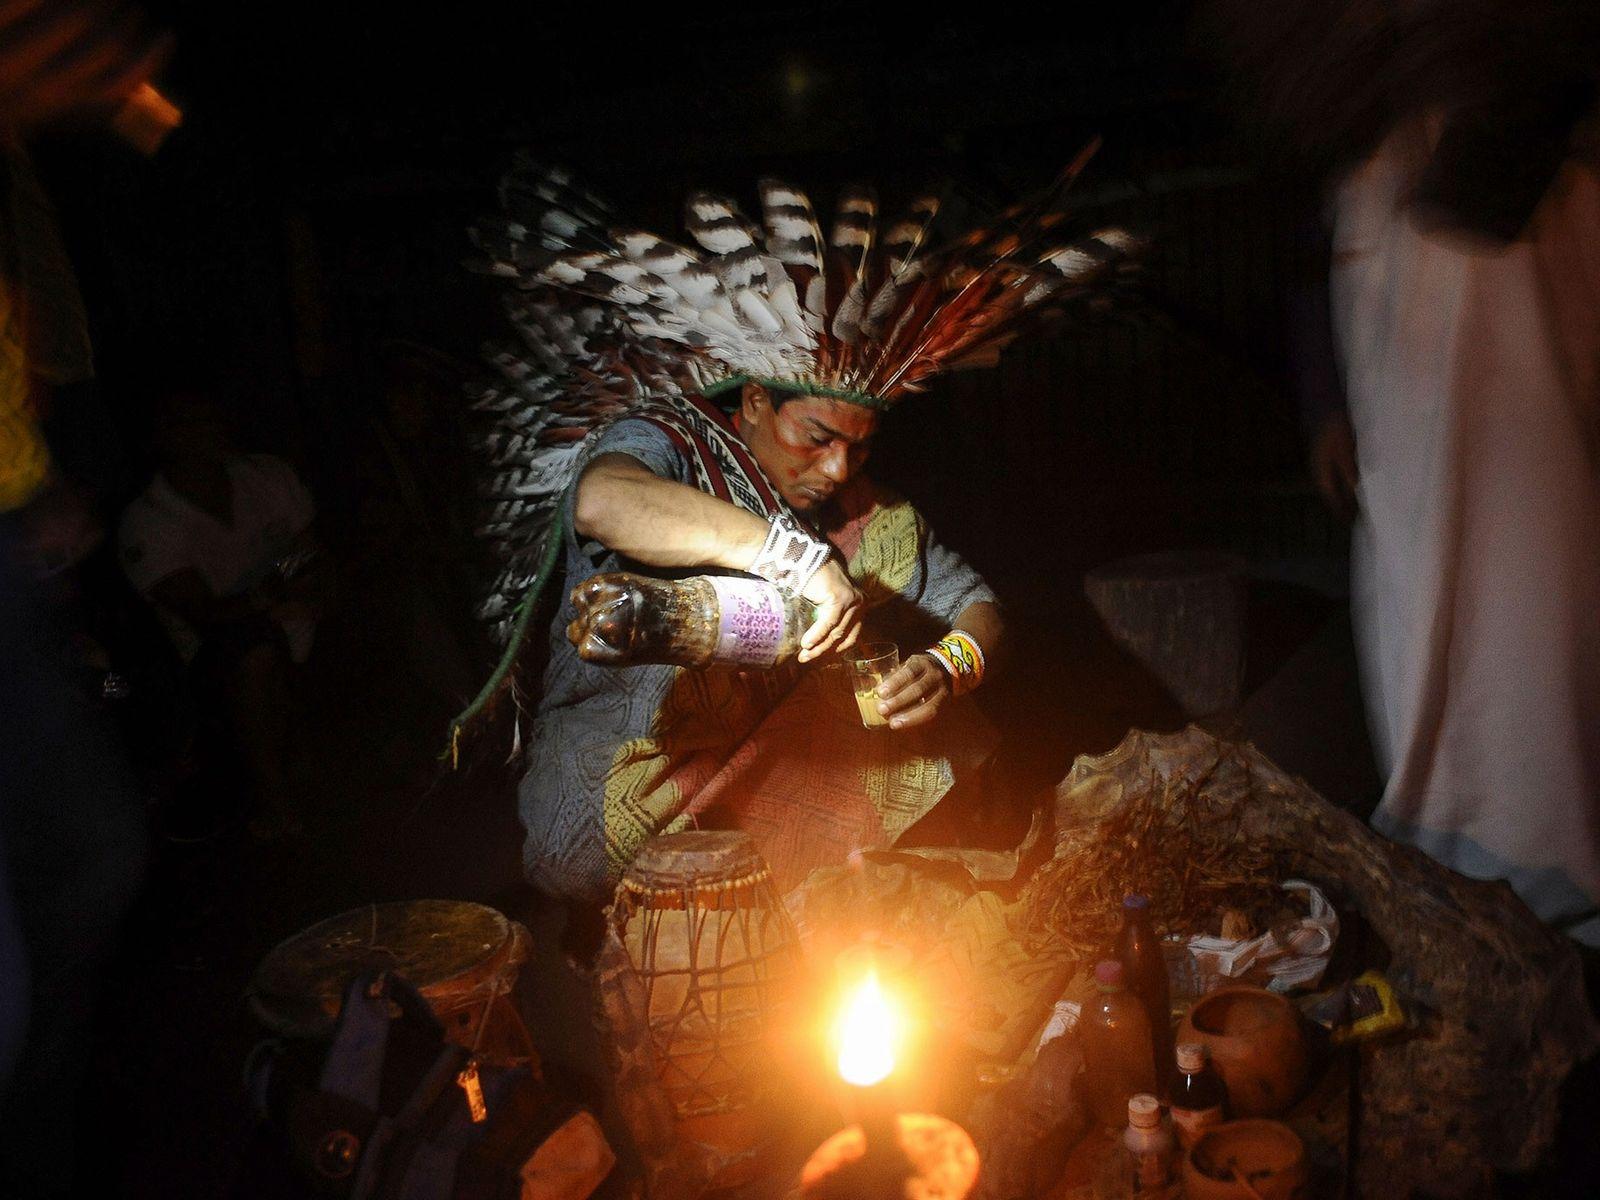 Miembro de la tribu huni kui